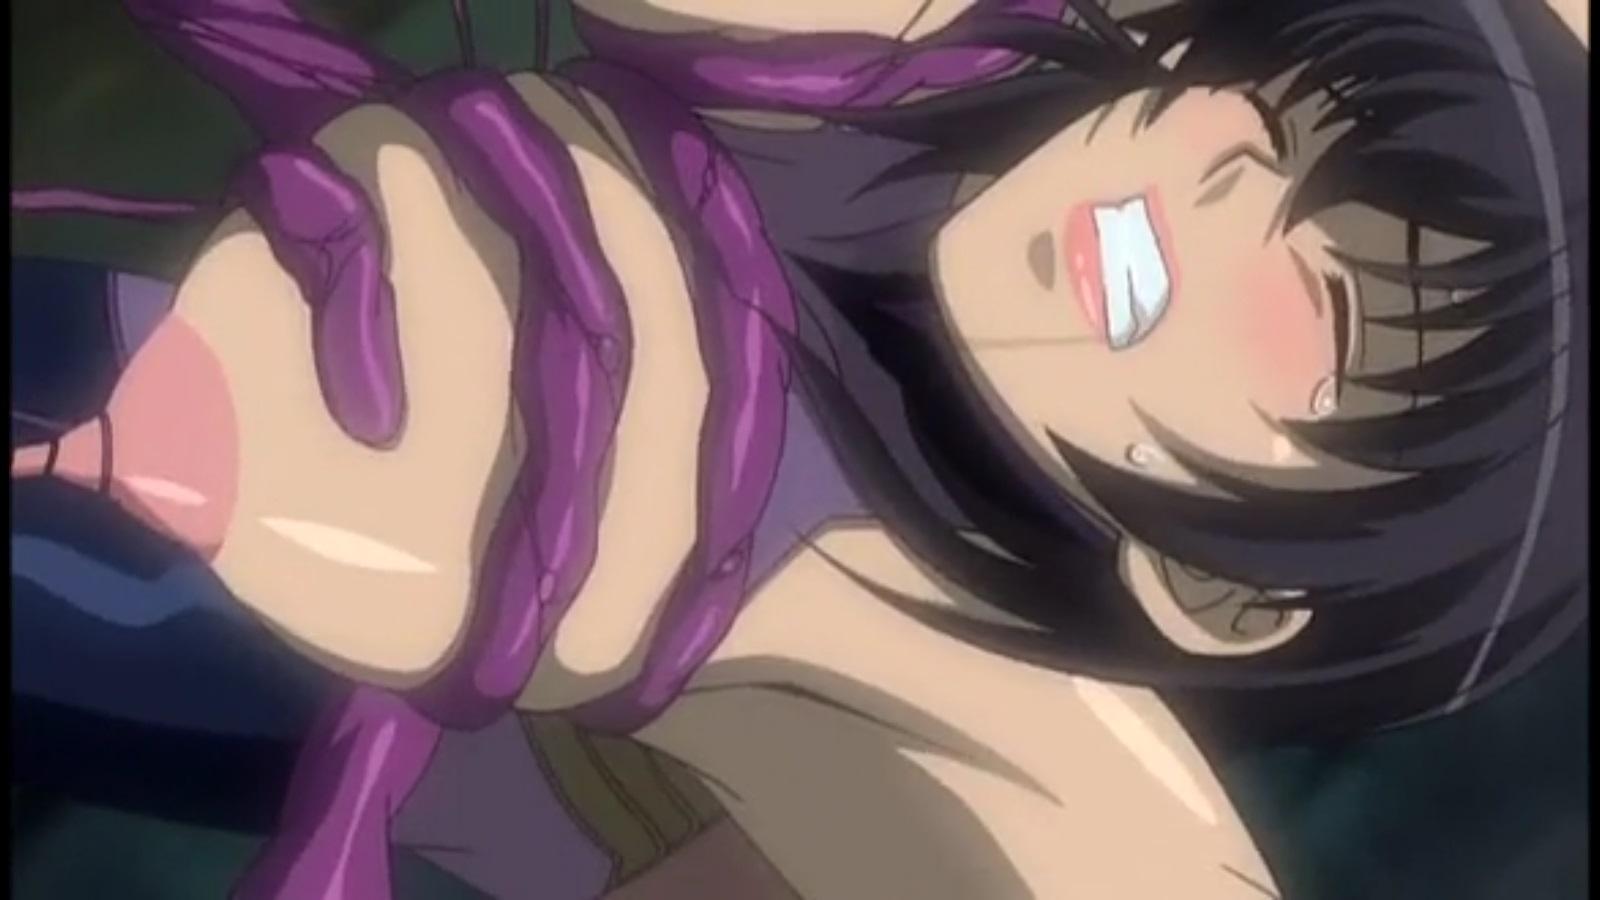 hentai tentacles anime Free